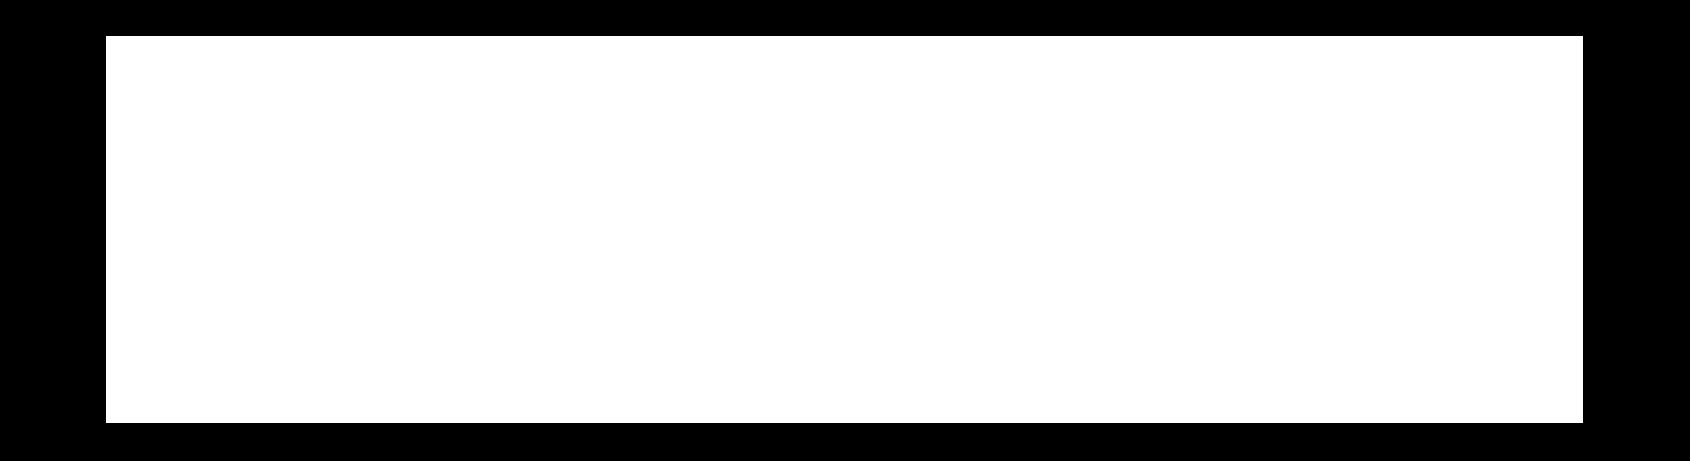 Buswerbung auf digitalen Displays - BusAds